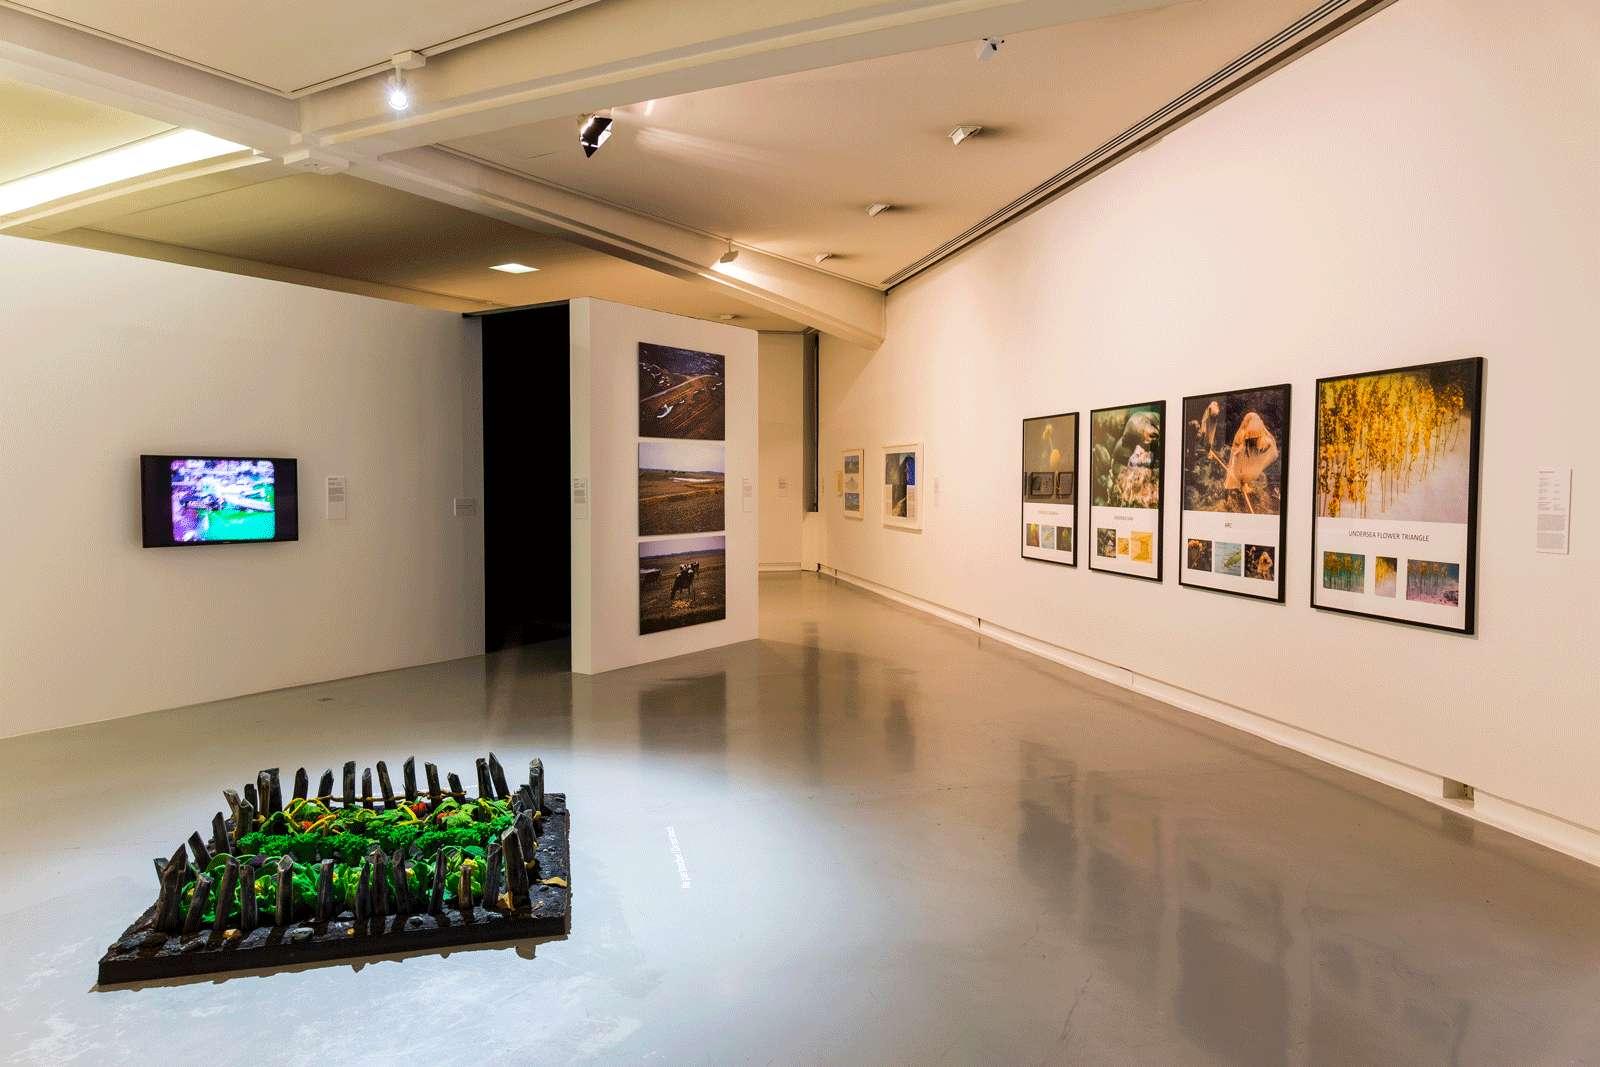 Piero Gilardi Cosmogonies - Au gré des éléments MAMAC - Musée d'Art Moderne et d'Art Contemporain de Nice, Nice (FR) 9 juin  — 16 septembre 2018